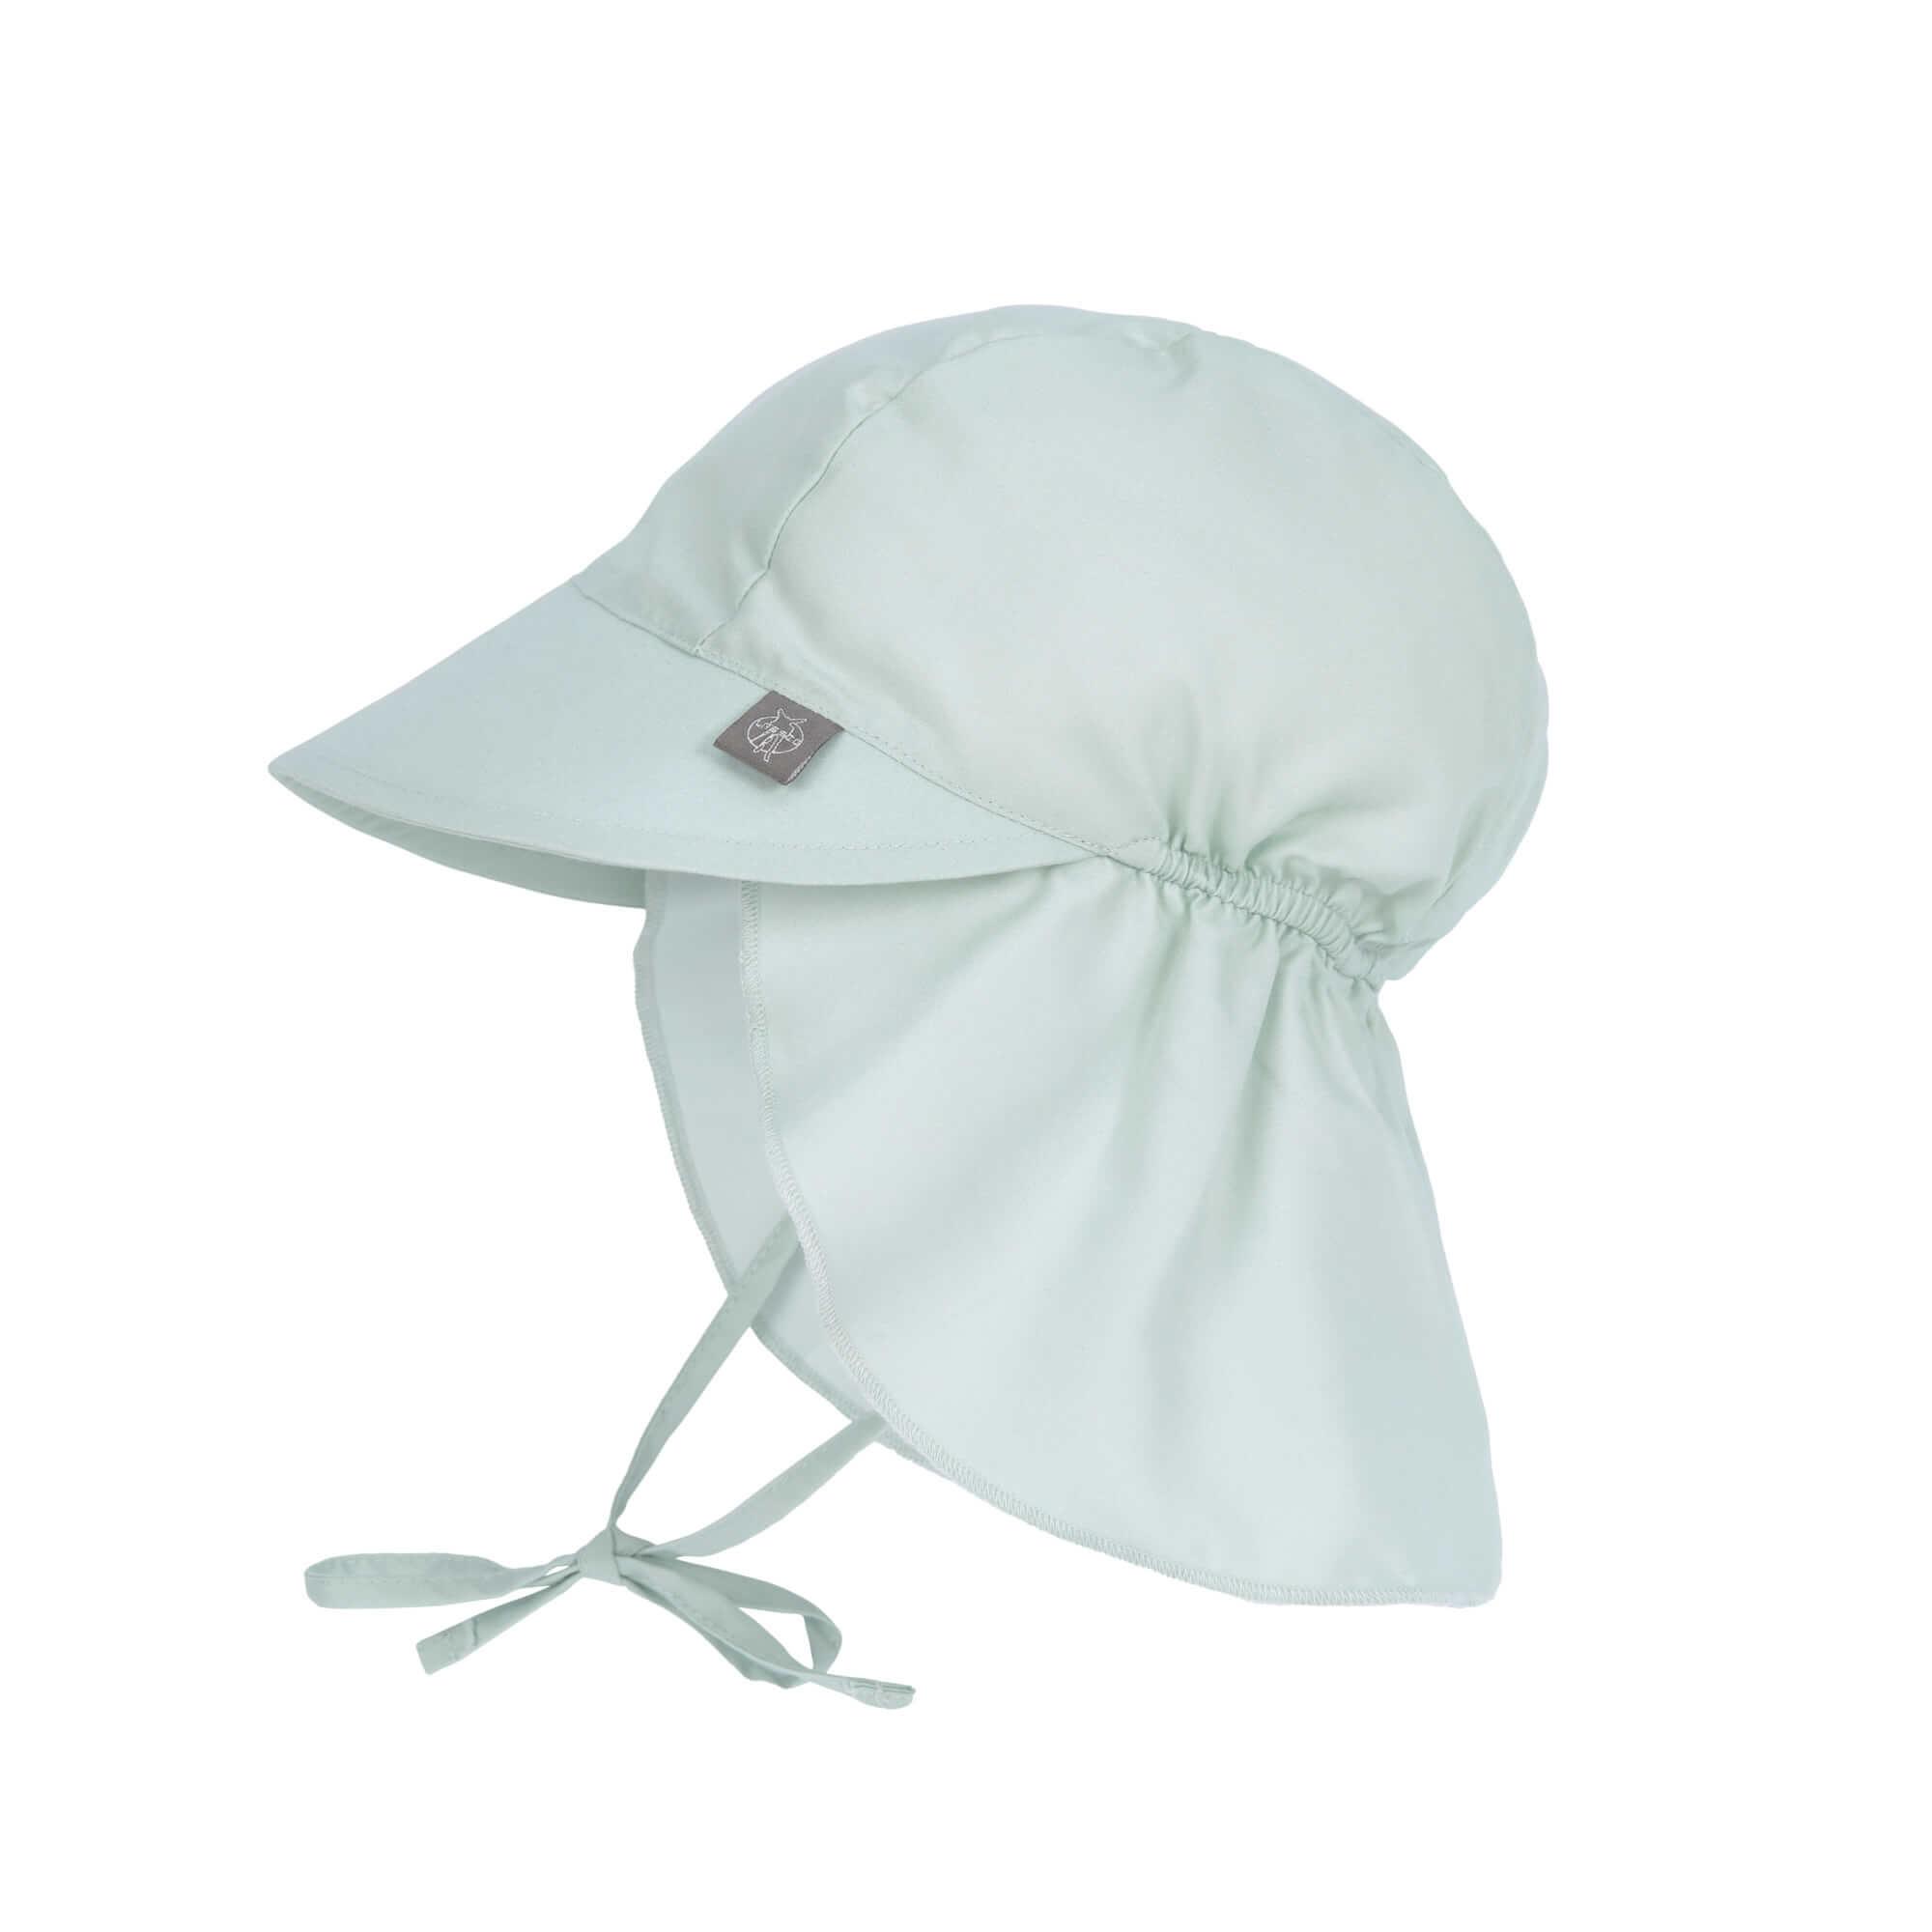 Lässig Splash & Fun Sun Protection Zonnehoed Flaphoed met UV bescherming - Mint 19-36 maanden, Maat: